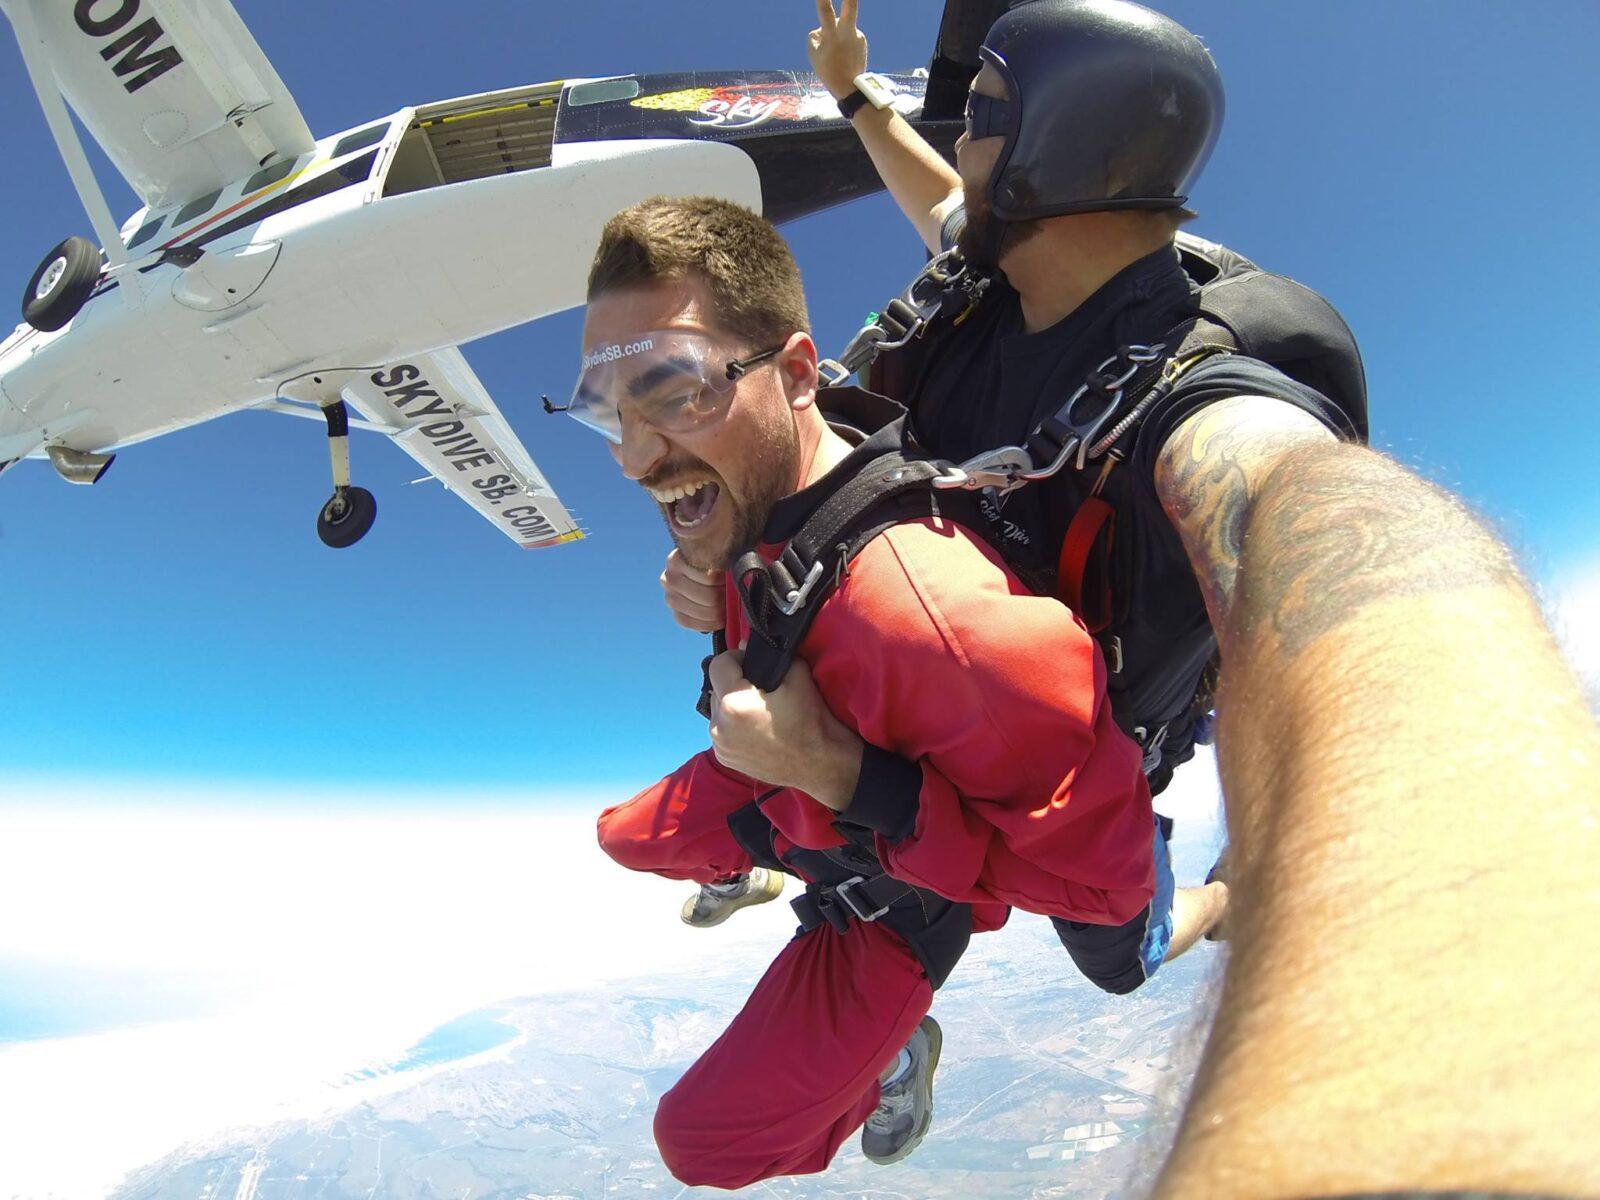 A holiday tandem skydive at Skydive Santa Barbara